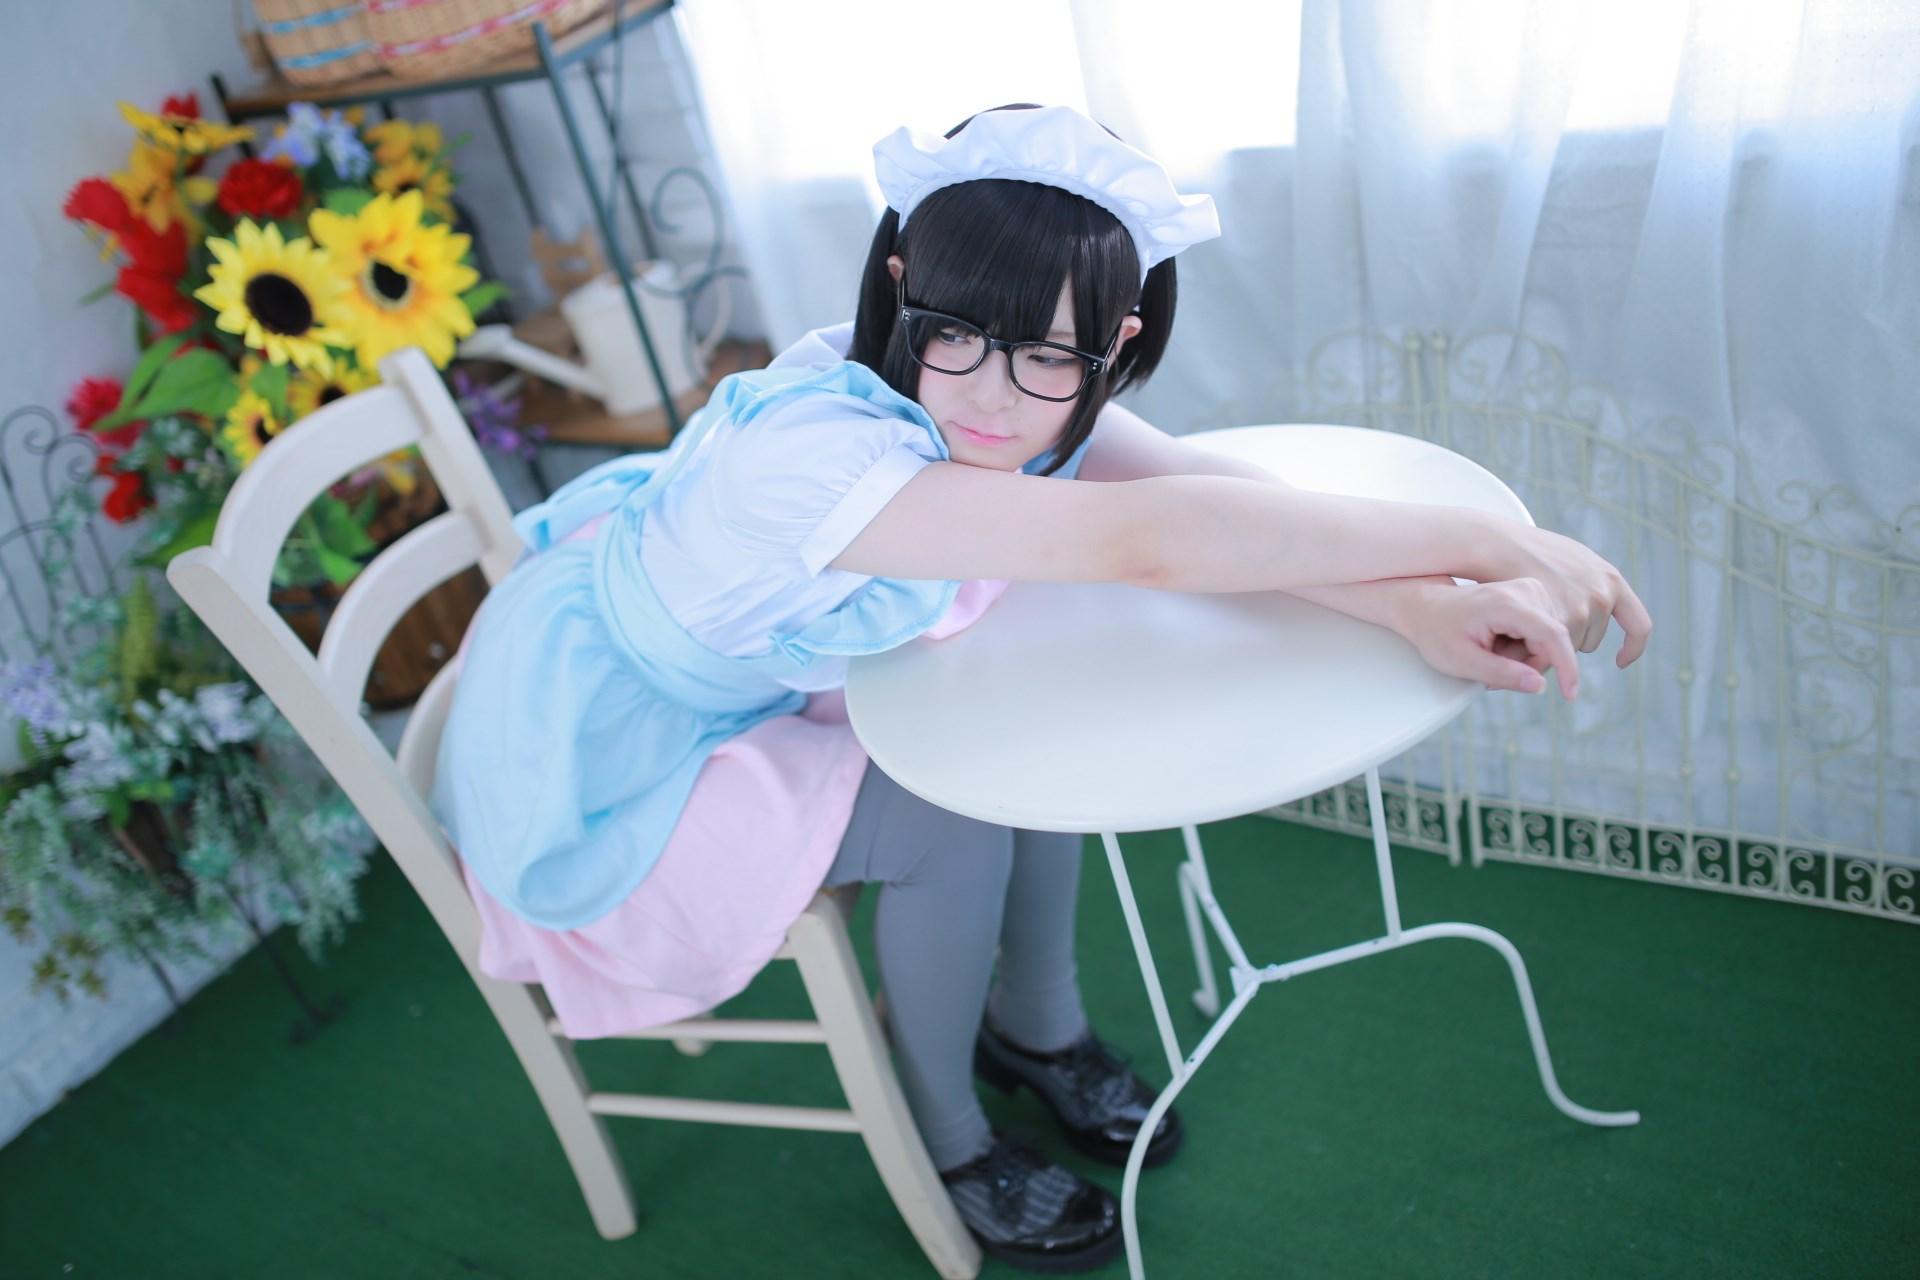 【兔玩映画】眼镜女仆 兔玩映画 第31张